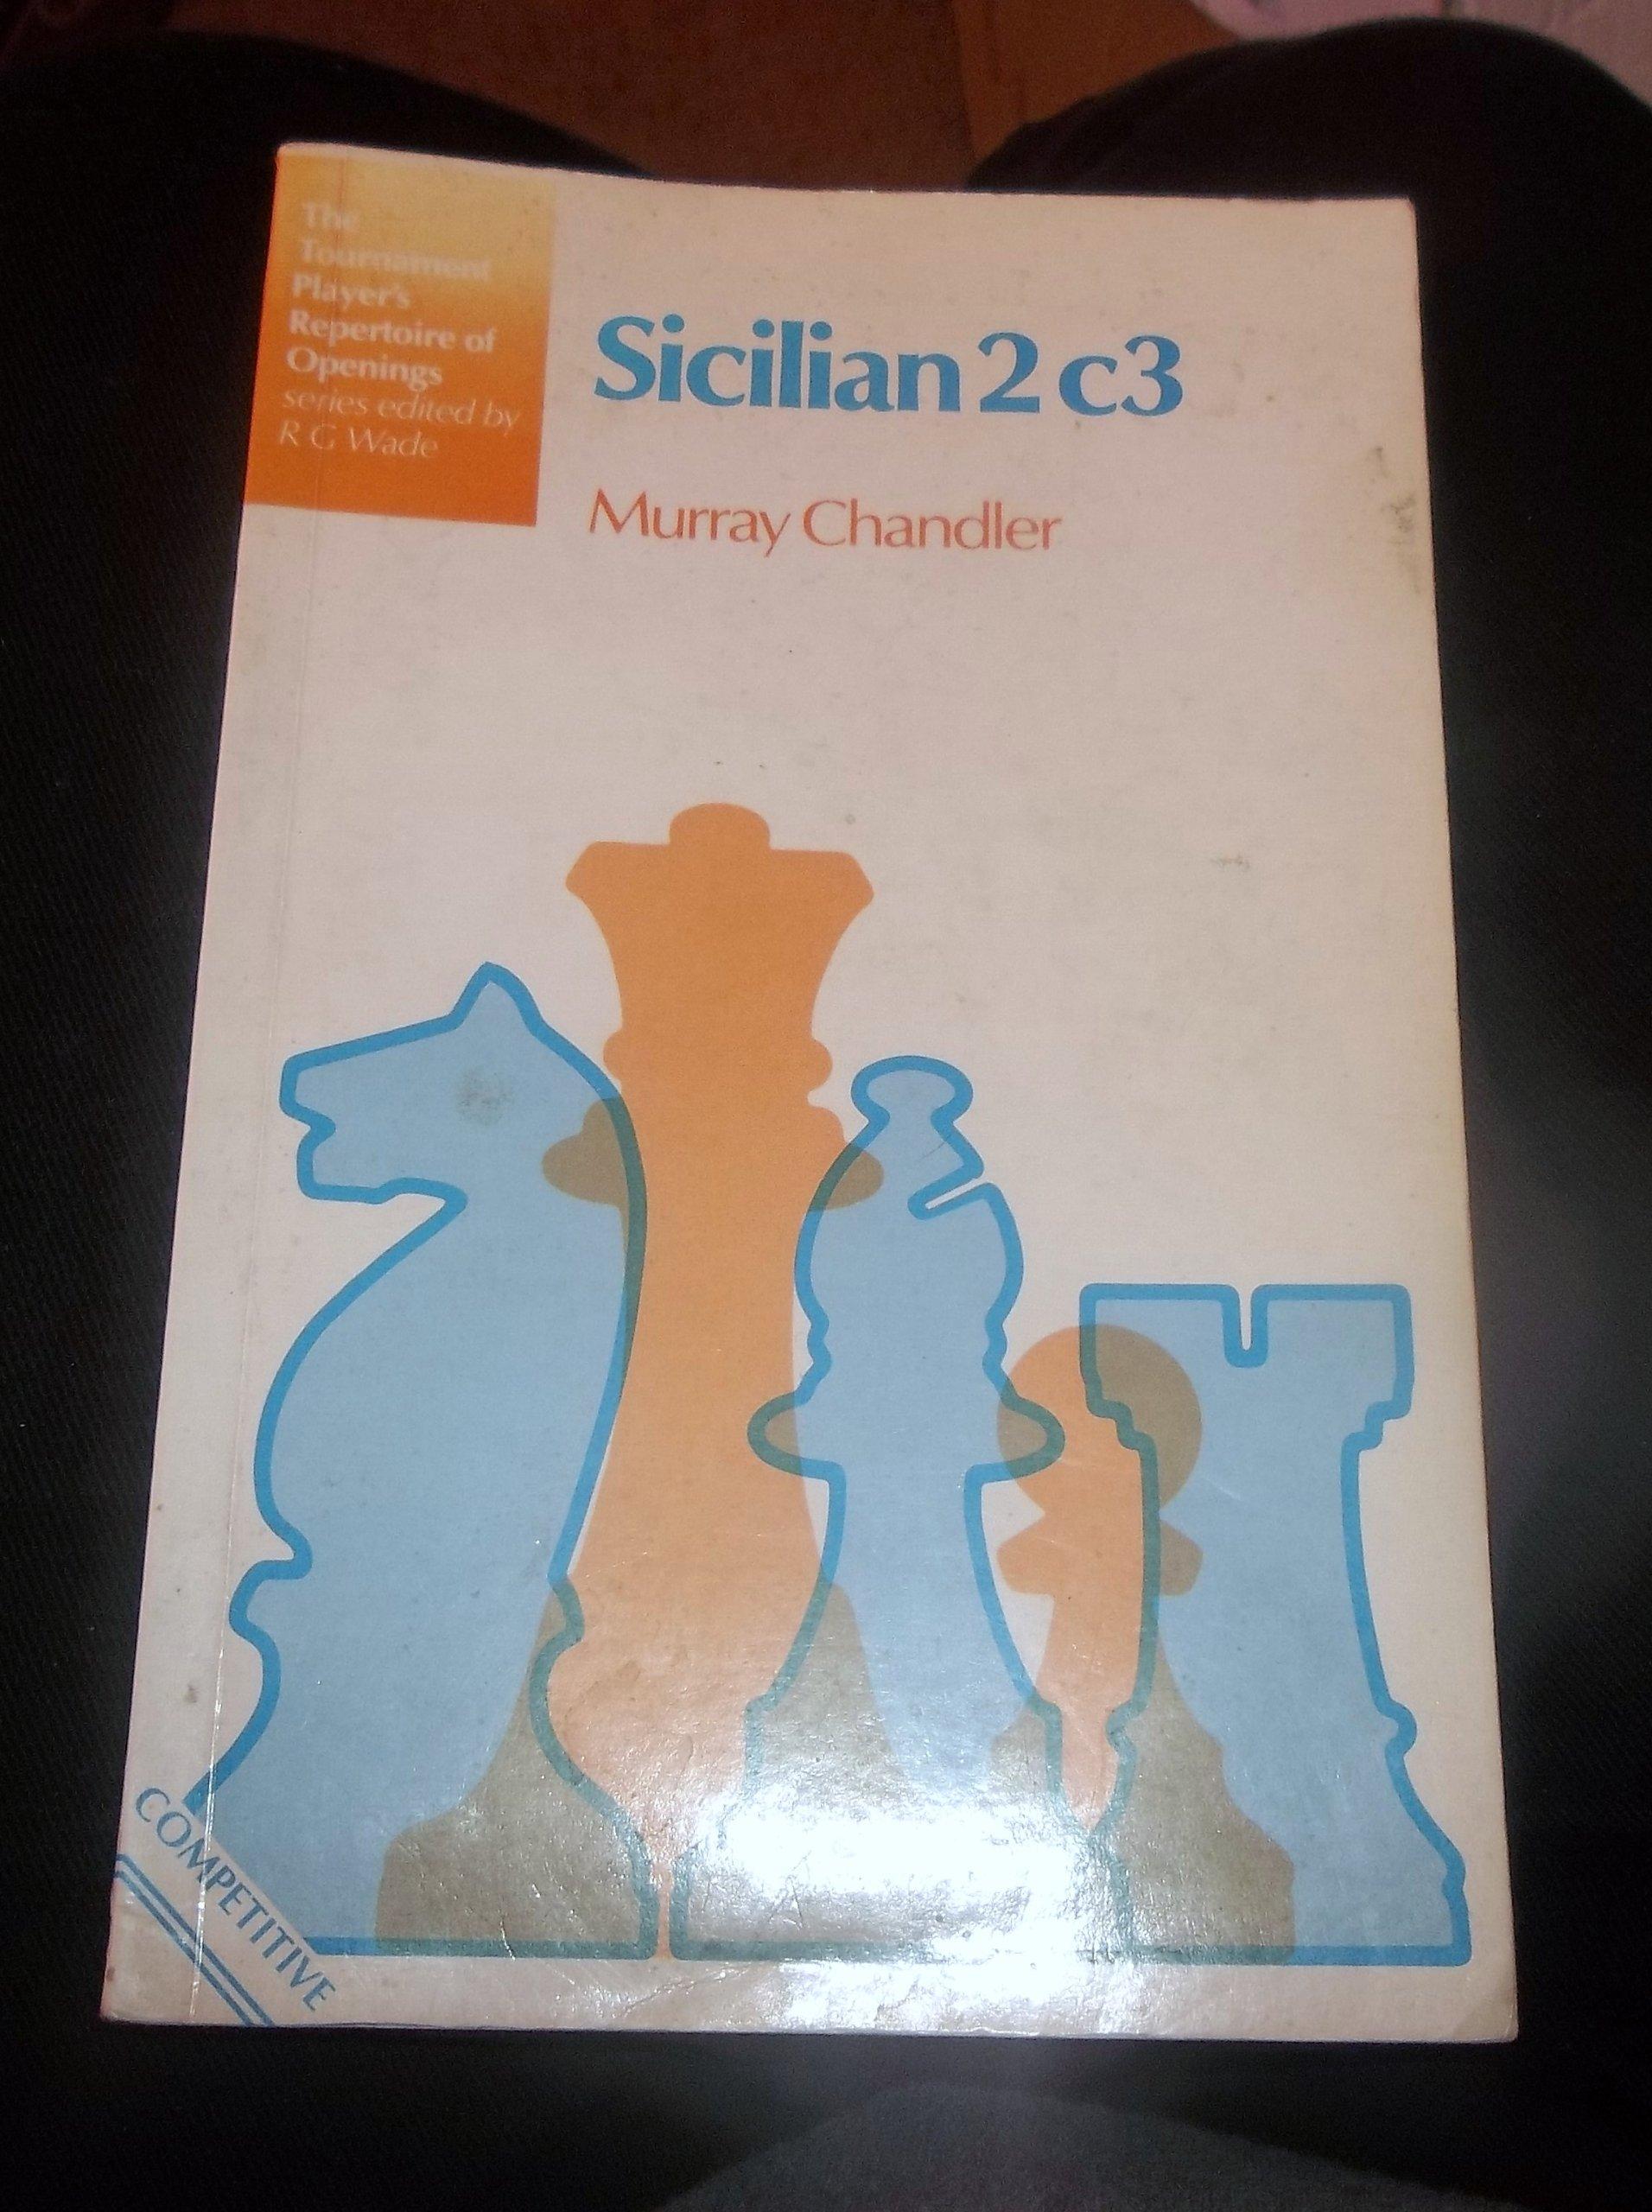 Sicilian 2.c3